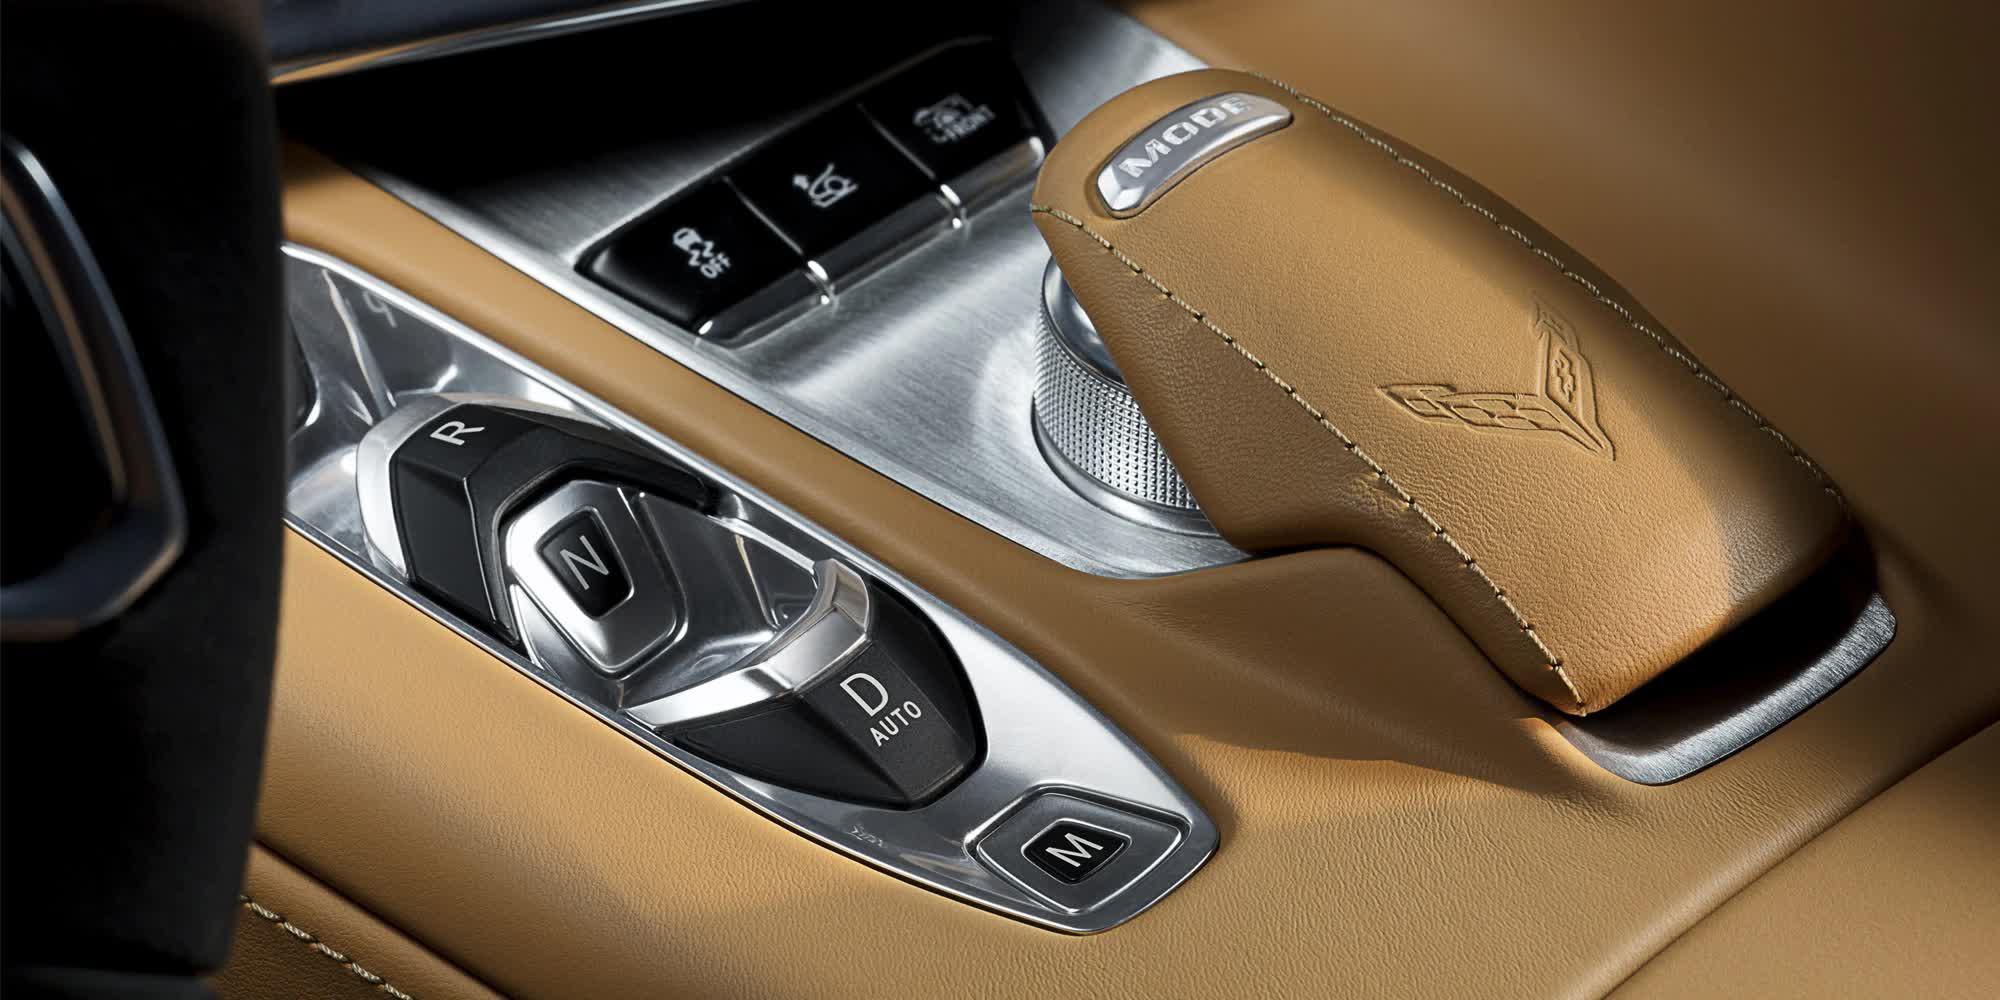 dettaglio-cambio-con-logo-Corvette-c8-stingray-2020-auto-sportiva-a-motore-centrale-disponibile-con-allestimento-coupe-e-convertible-in-esclusiva-presso-gruppo-cavauto-a-Monza.jpg